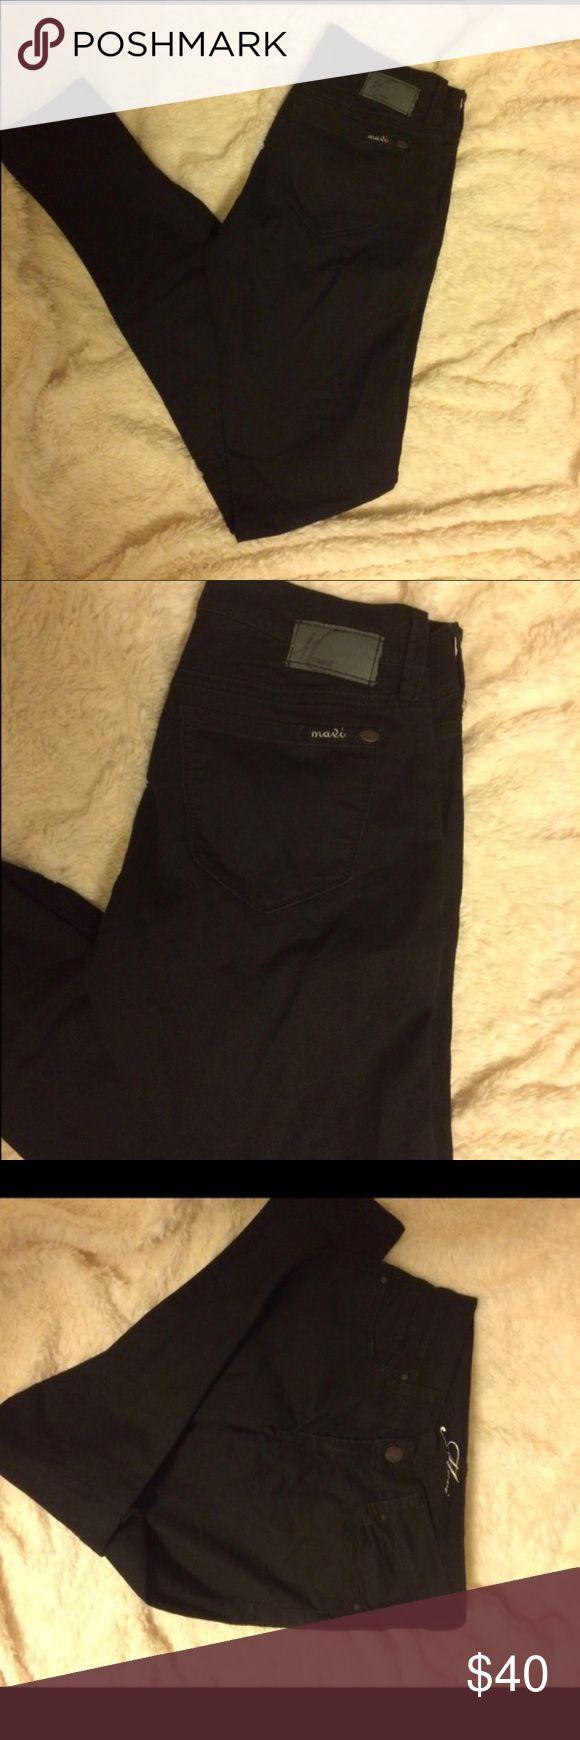 Mavi skinny jeans size 28/34 In great condition. Mavi Jeans Skinny